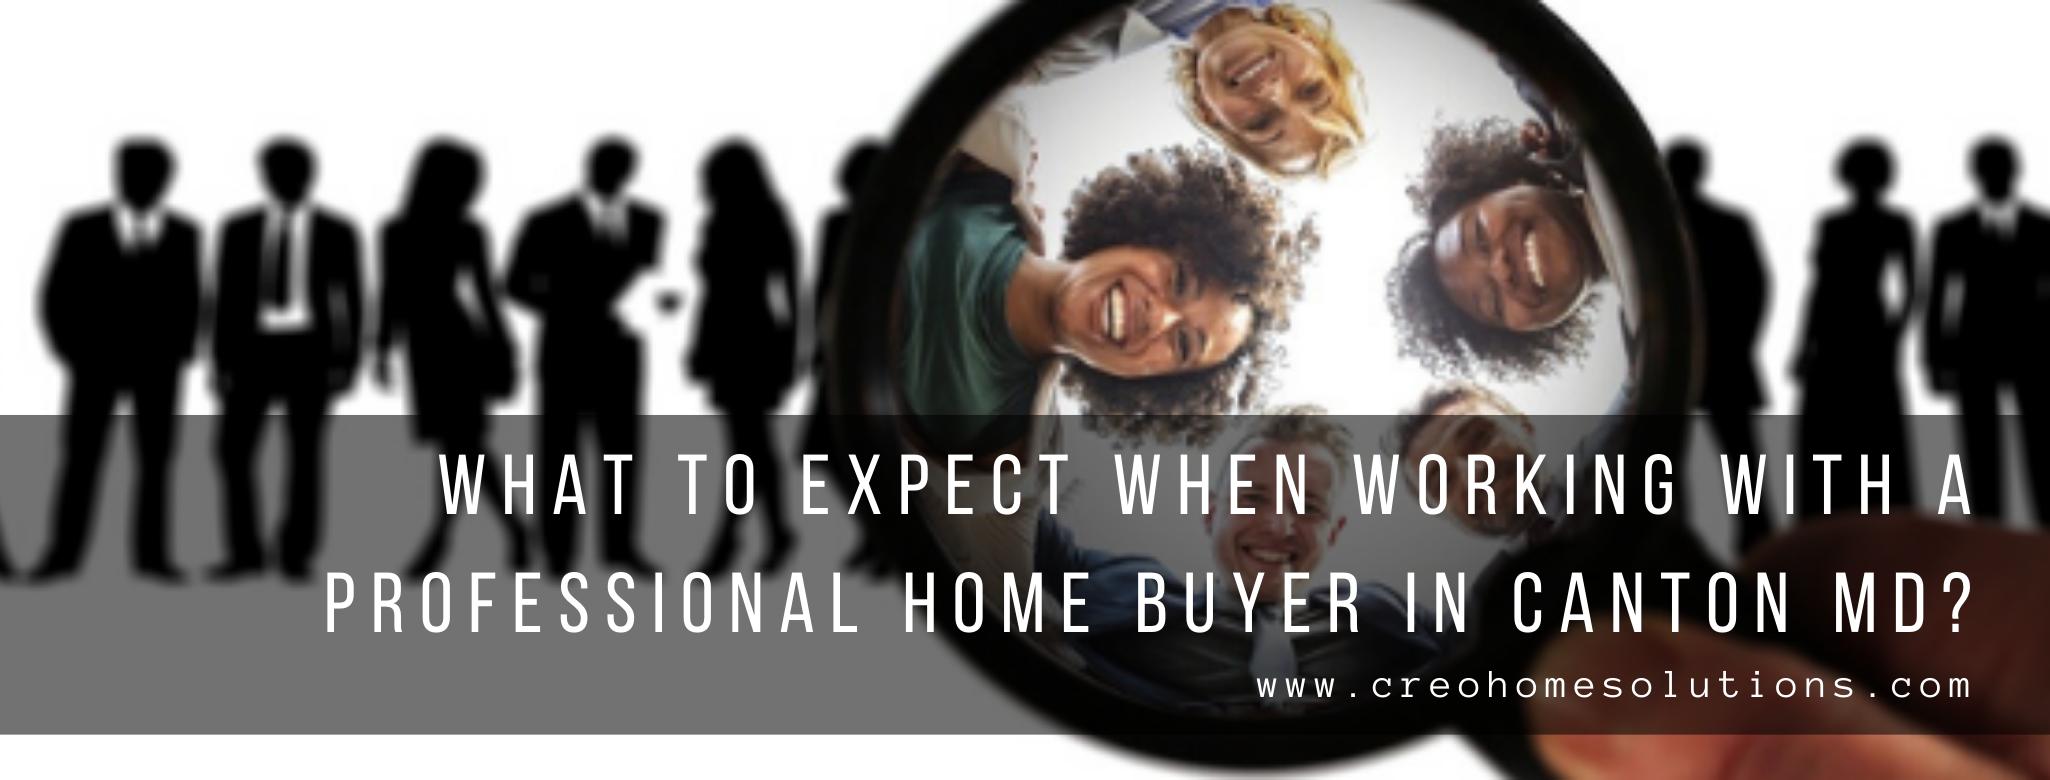 We buy properties in Canton MD